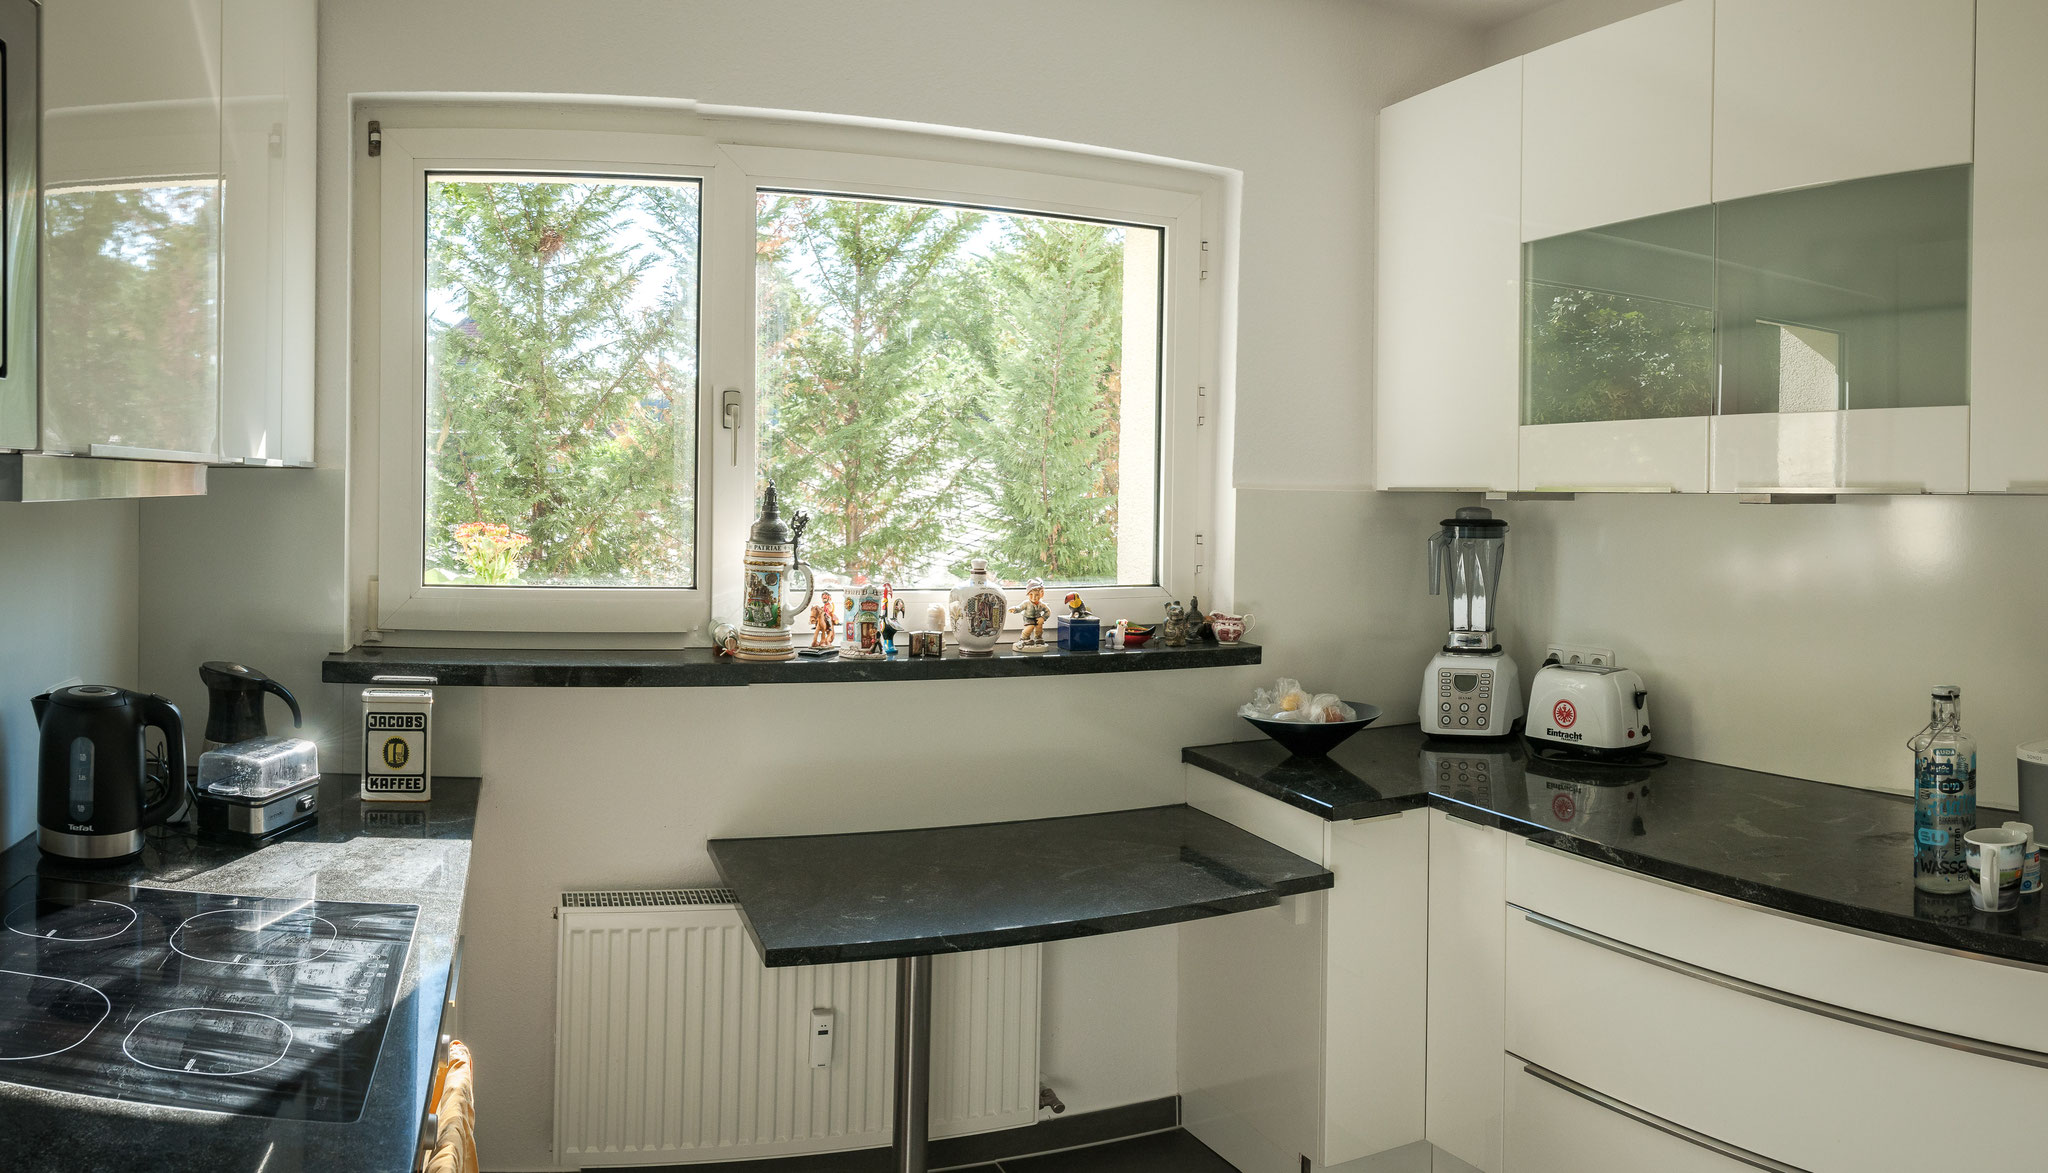 Aufnahmen einer Küche